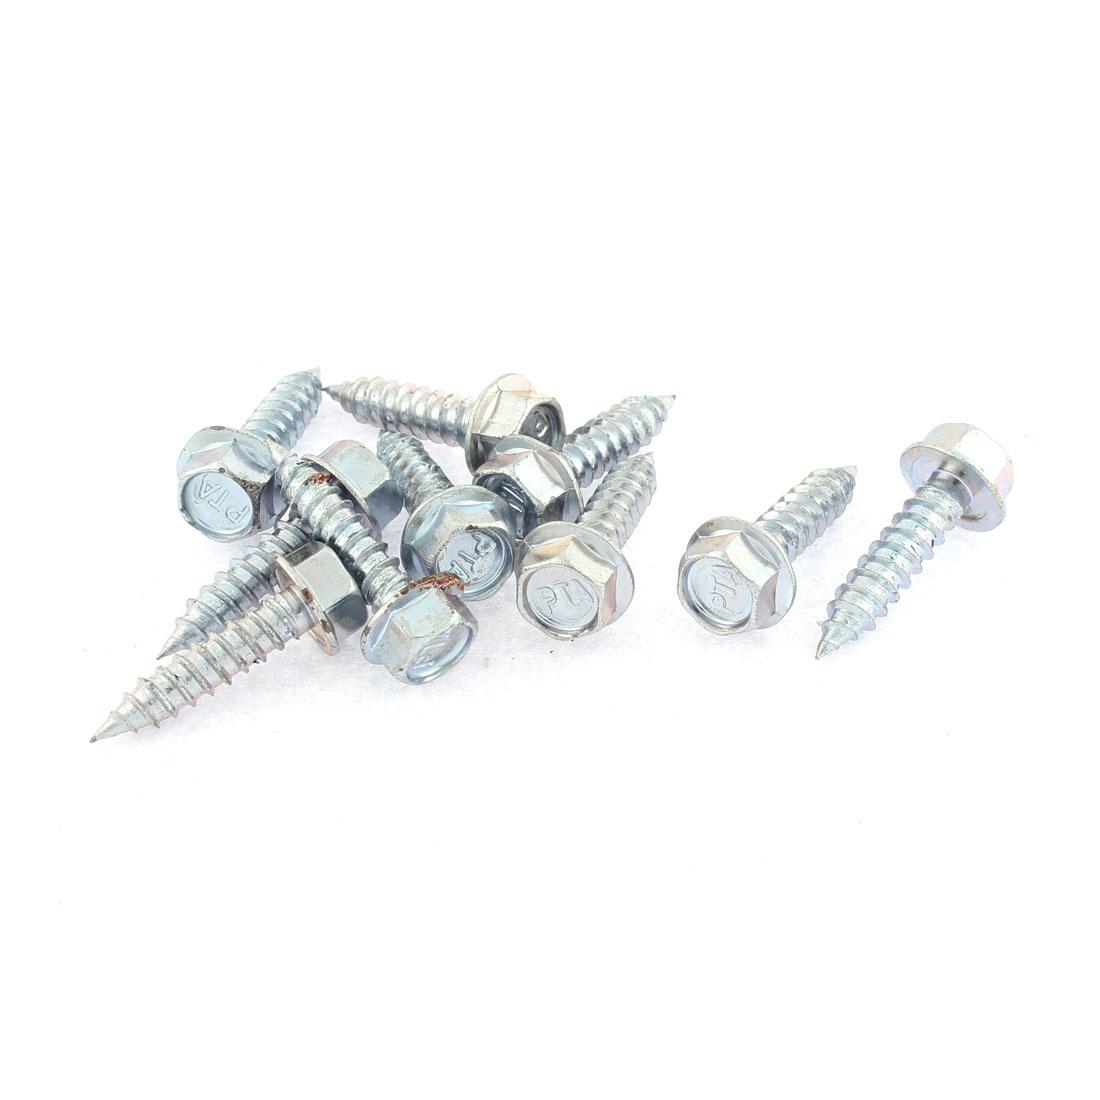 10 Pcs M6 x 25mm Male Thread Silver Tone Metal Hex Head Self Tapping Screw Fastener